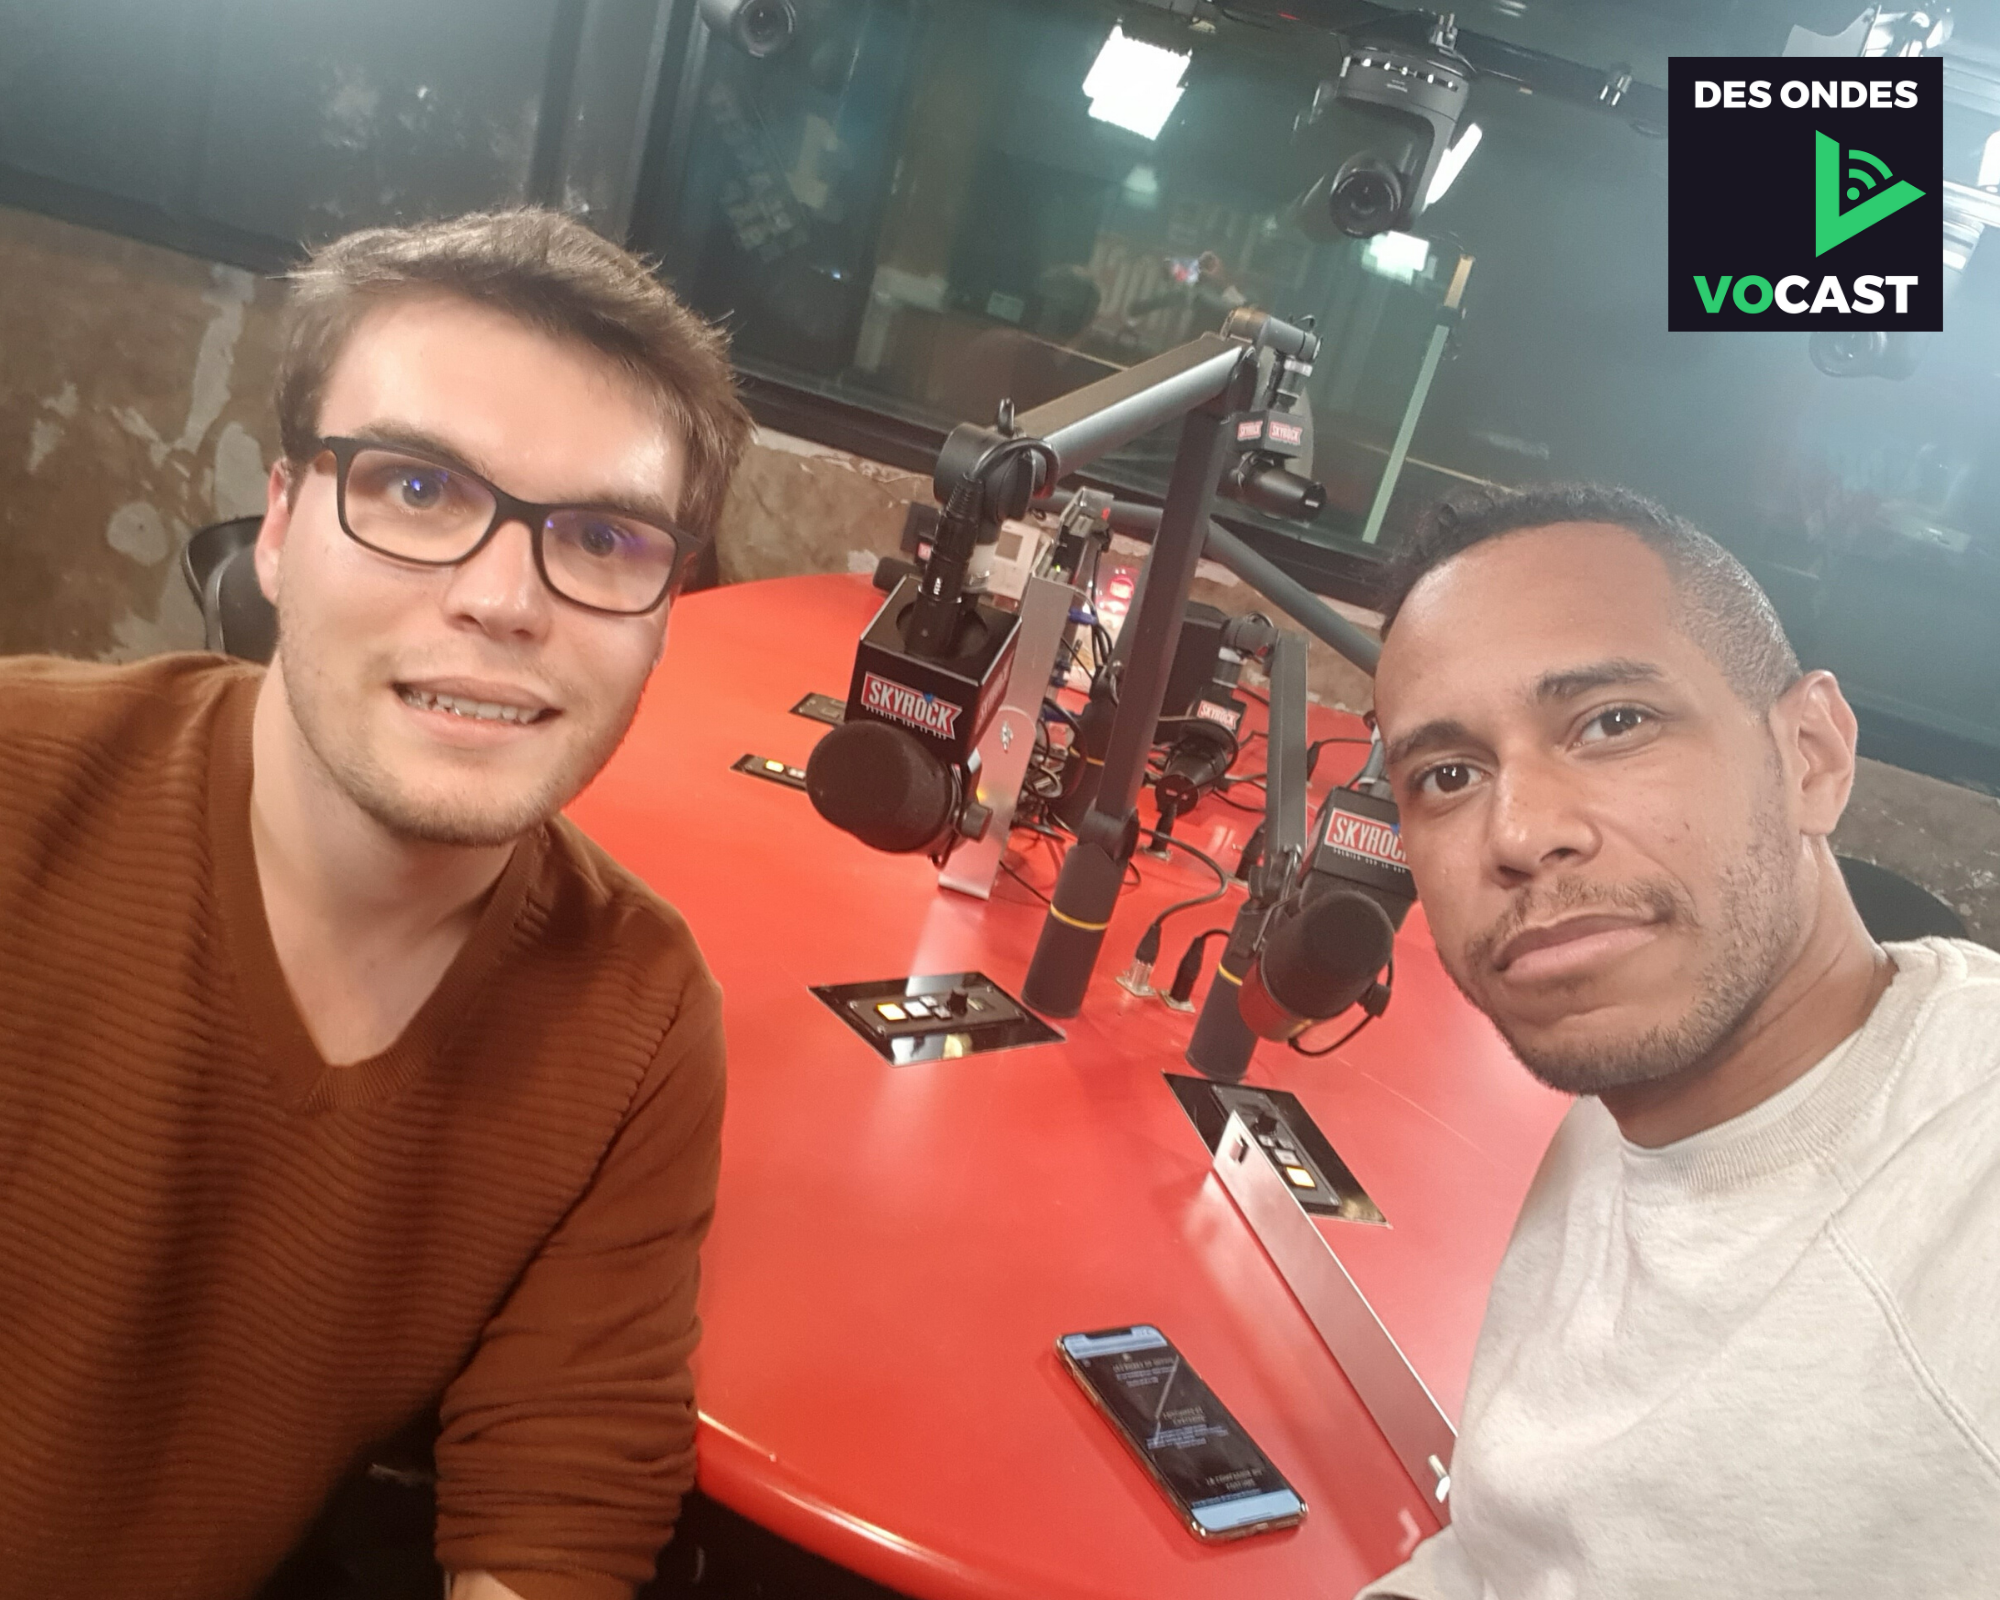 Photo prise lors de l'enregistrement du podcast, dans le studio de Planète Rap (Skyrock, Rue Greneta, Paris). Sur la photo : M'rik à droite, Anthony Gourraud à gauche